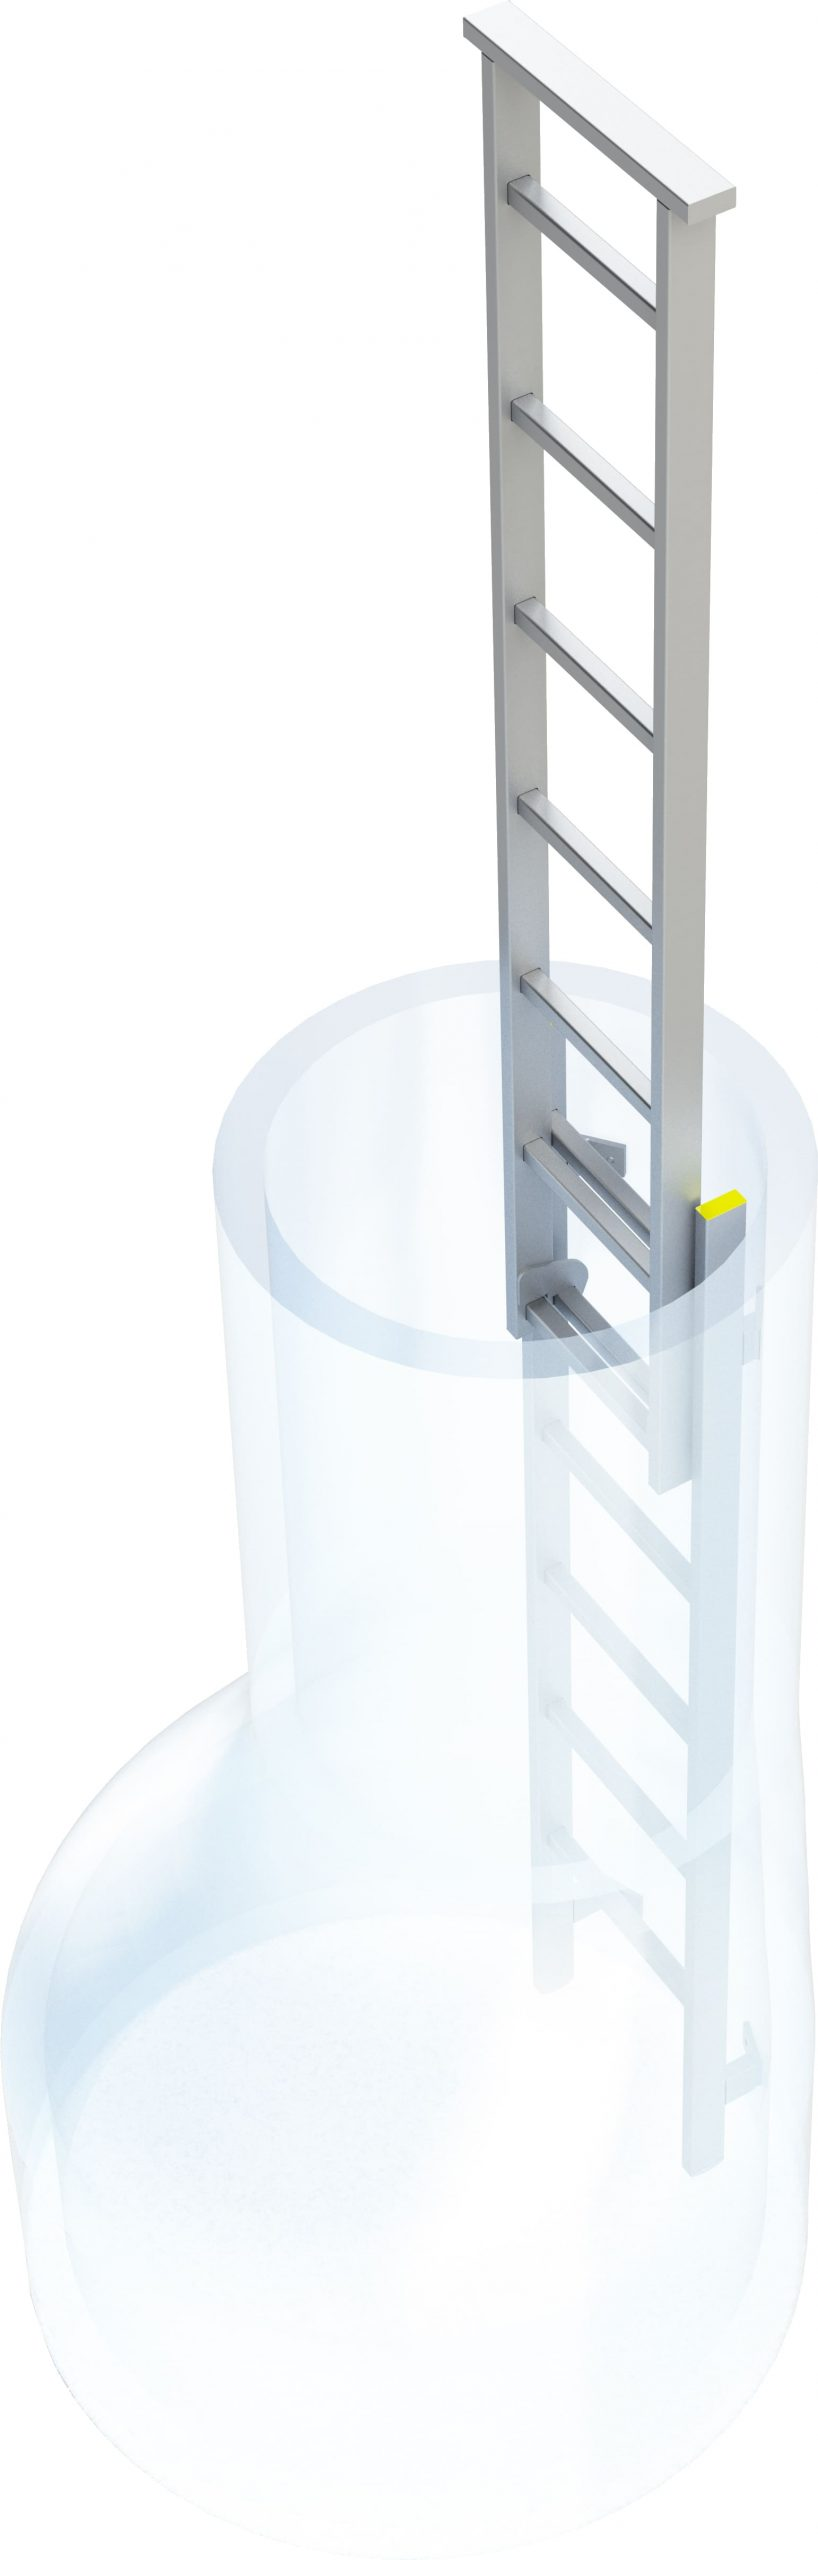 pomôvka vstyupu pre šachtový rebrík